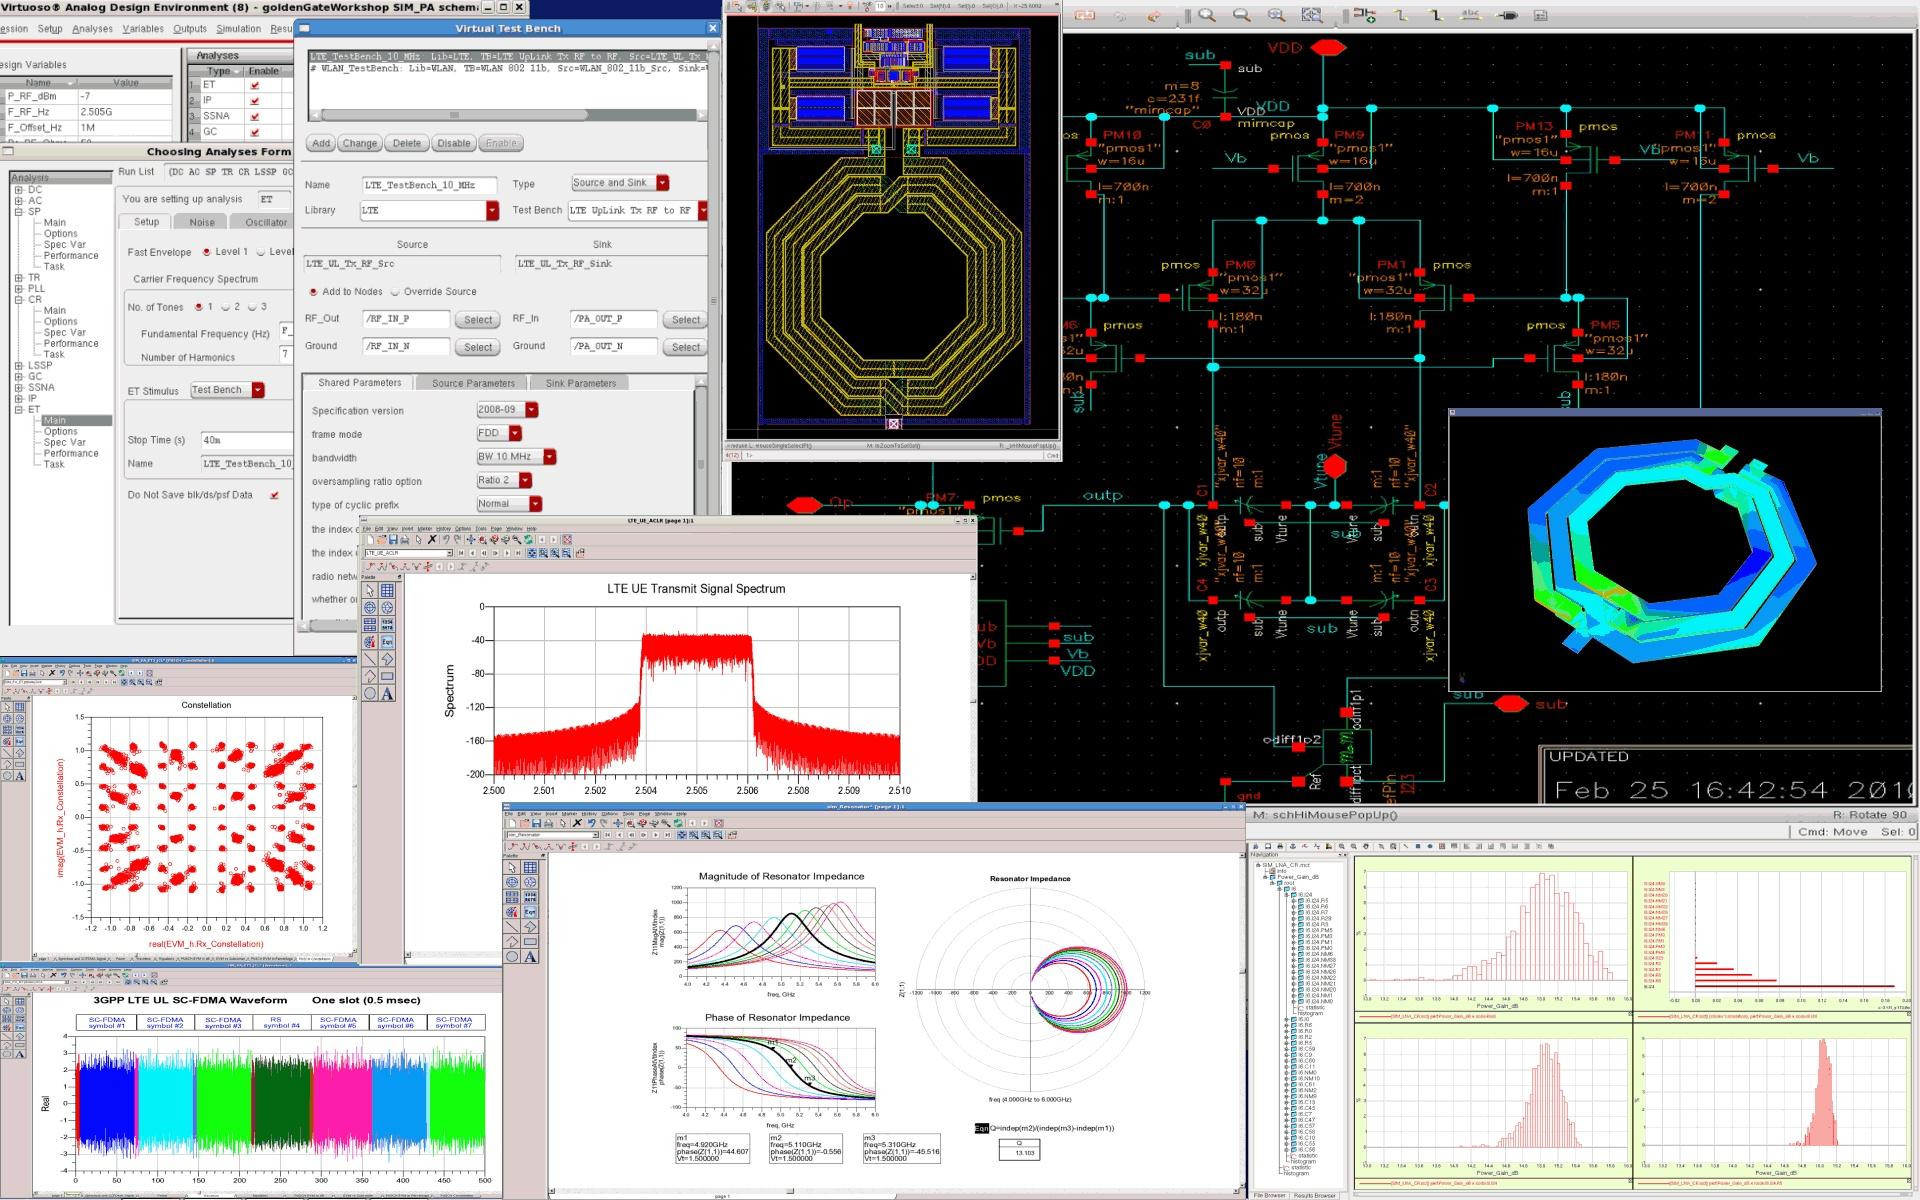 PathWave RFIC Tasarım Yazılımı (GoldenGate)